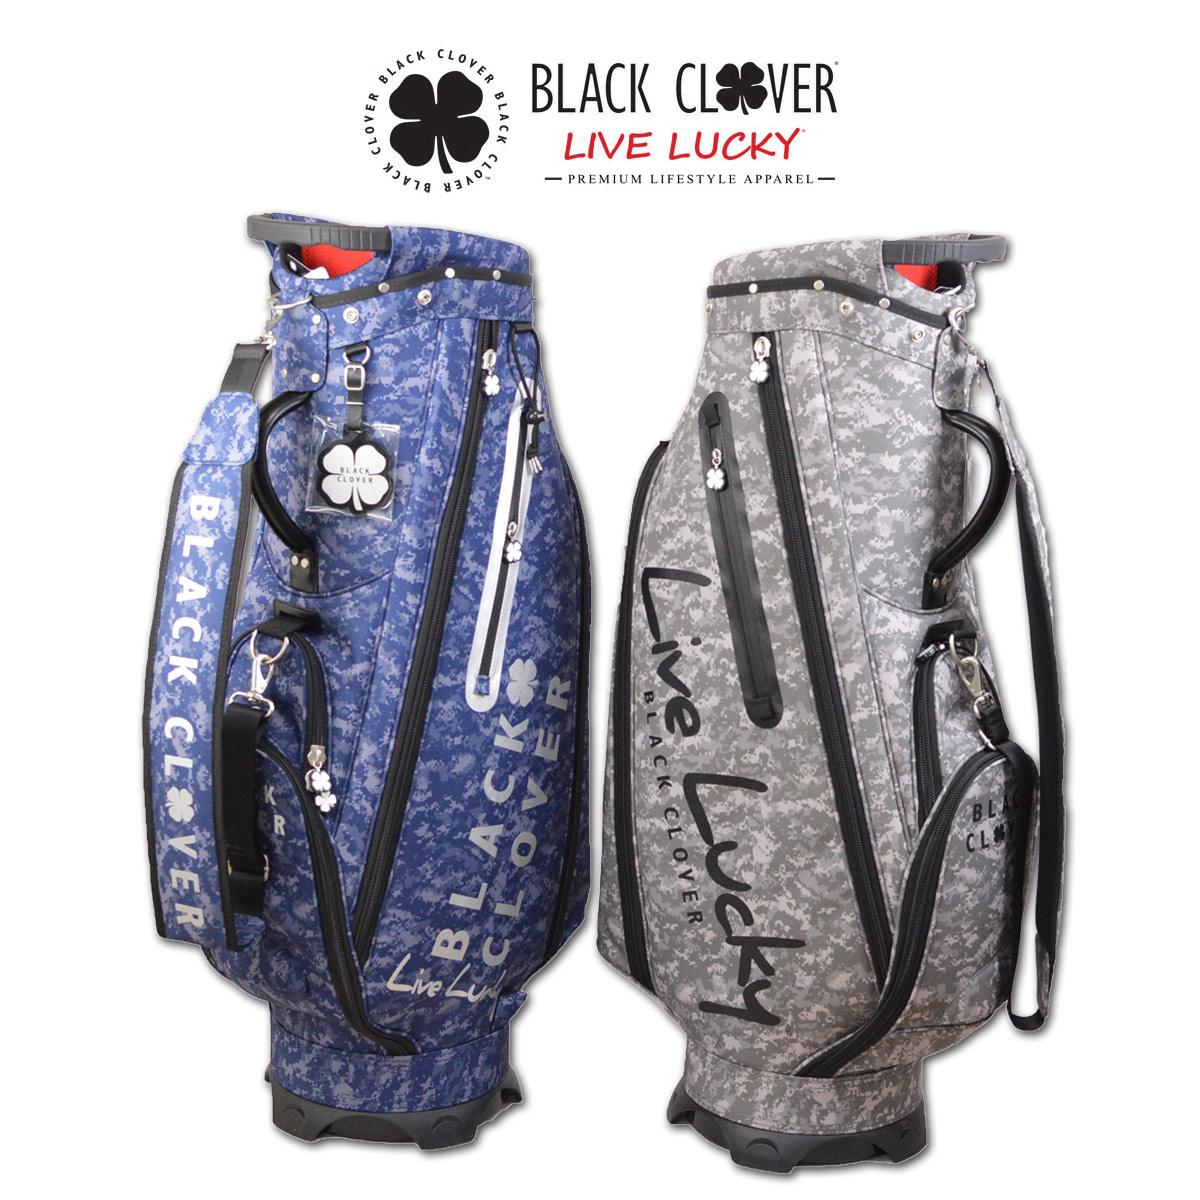 ブラッククローバー キャディバッグ メンズ 紺 グレー 9インチ bc5hnc16【 あす楽 送料無料 】 [ ゴルフウェア golf ゴルフ BLACK CLOVER ゴルフバッグ キャディバック かっこいい おしゃれ 新作 レア ]